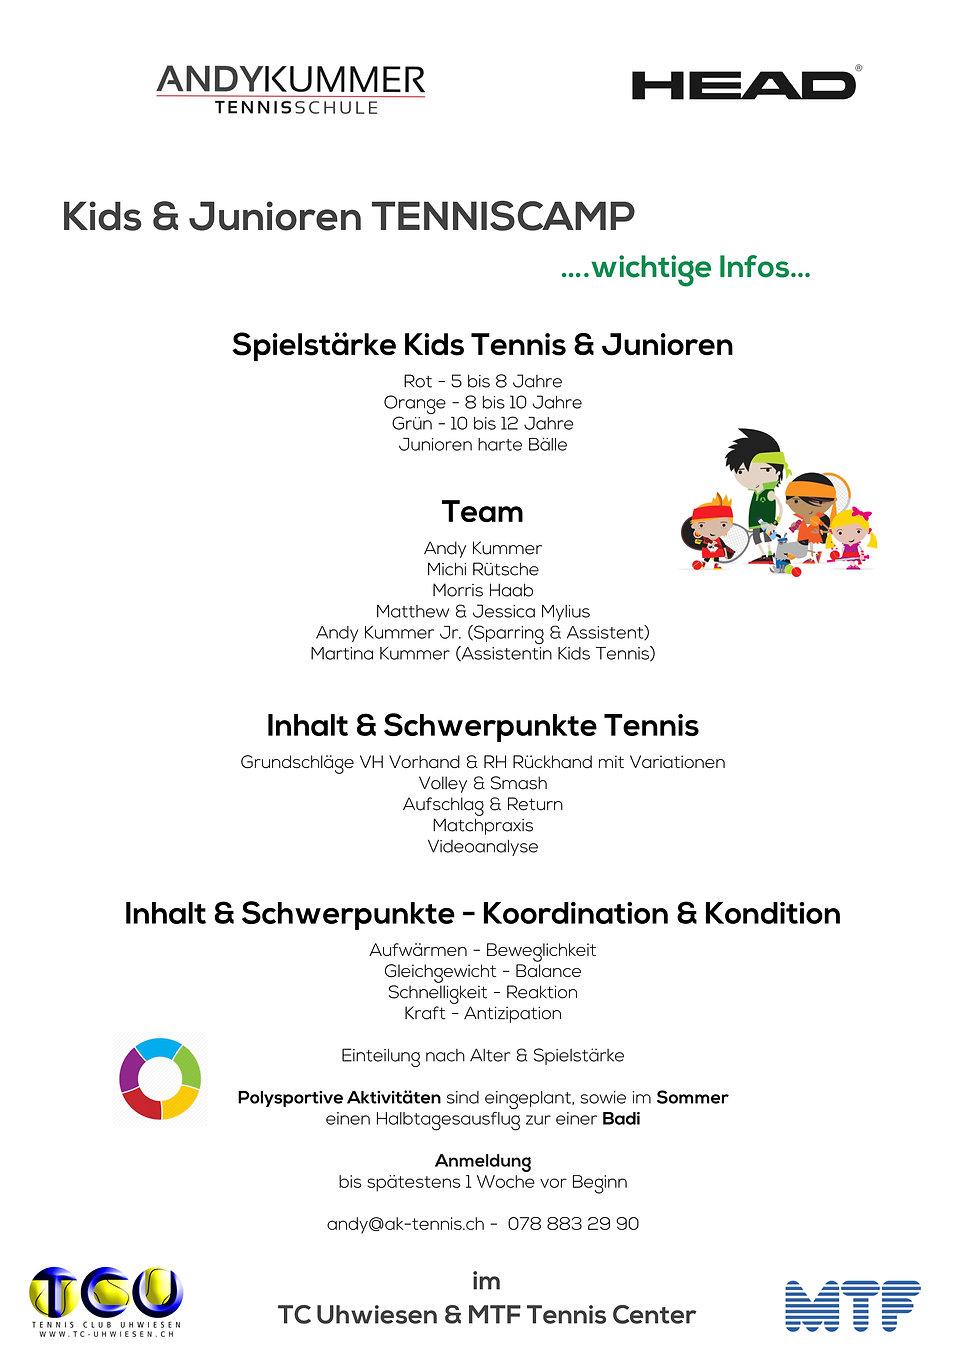 Wichtige Infos Camps 2019.jpg